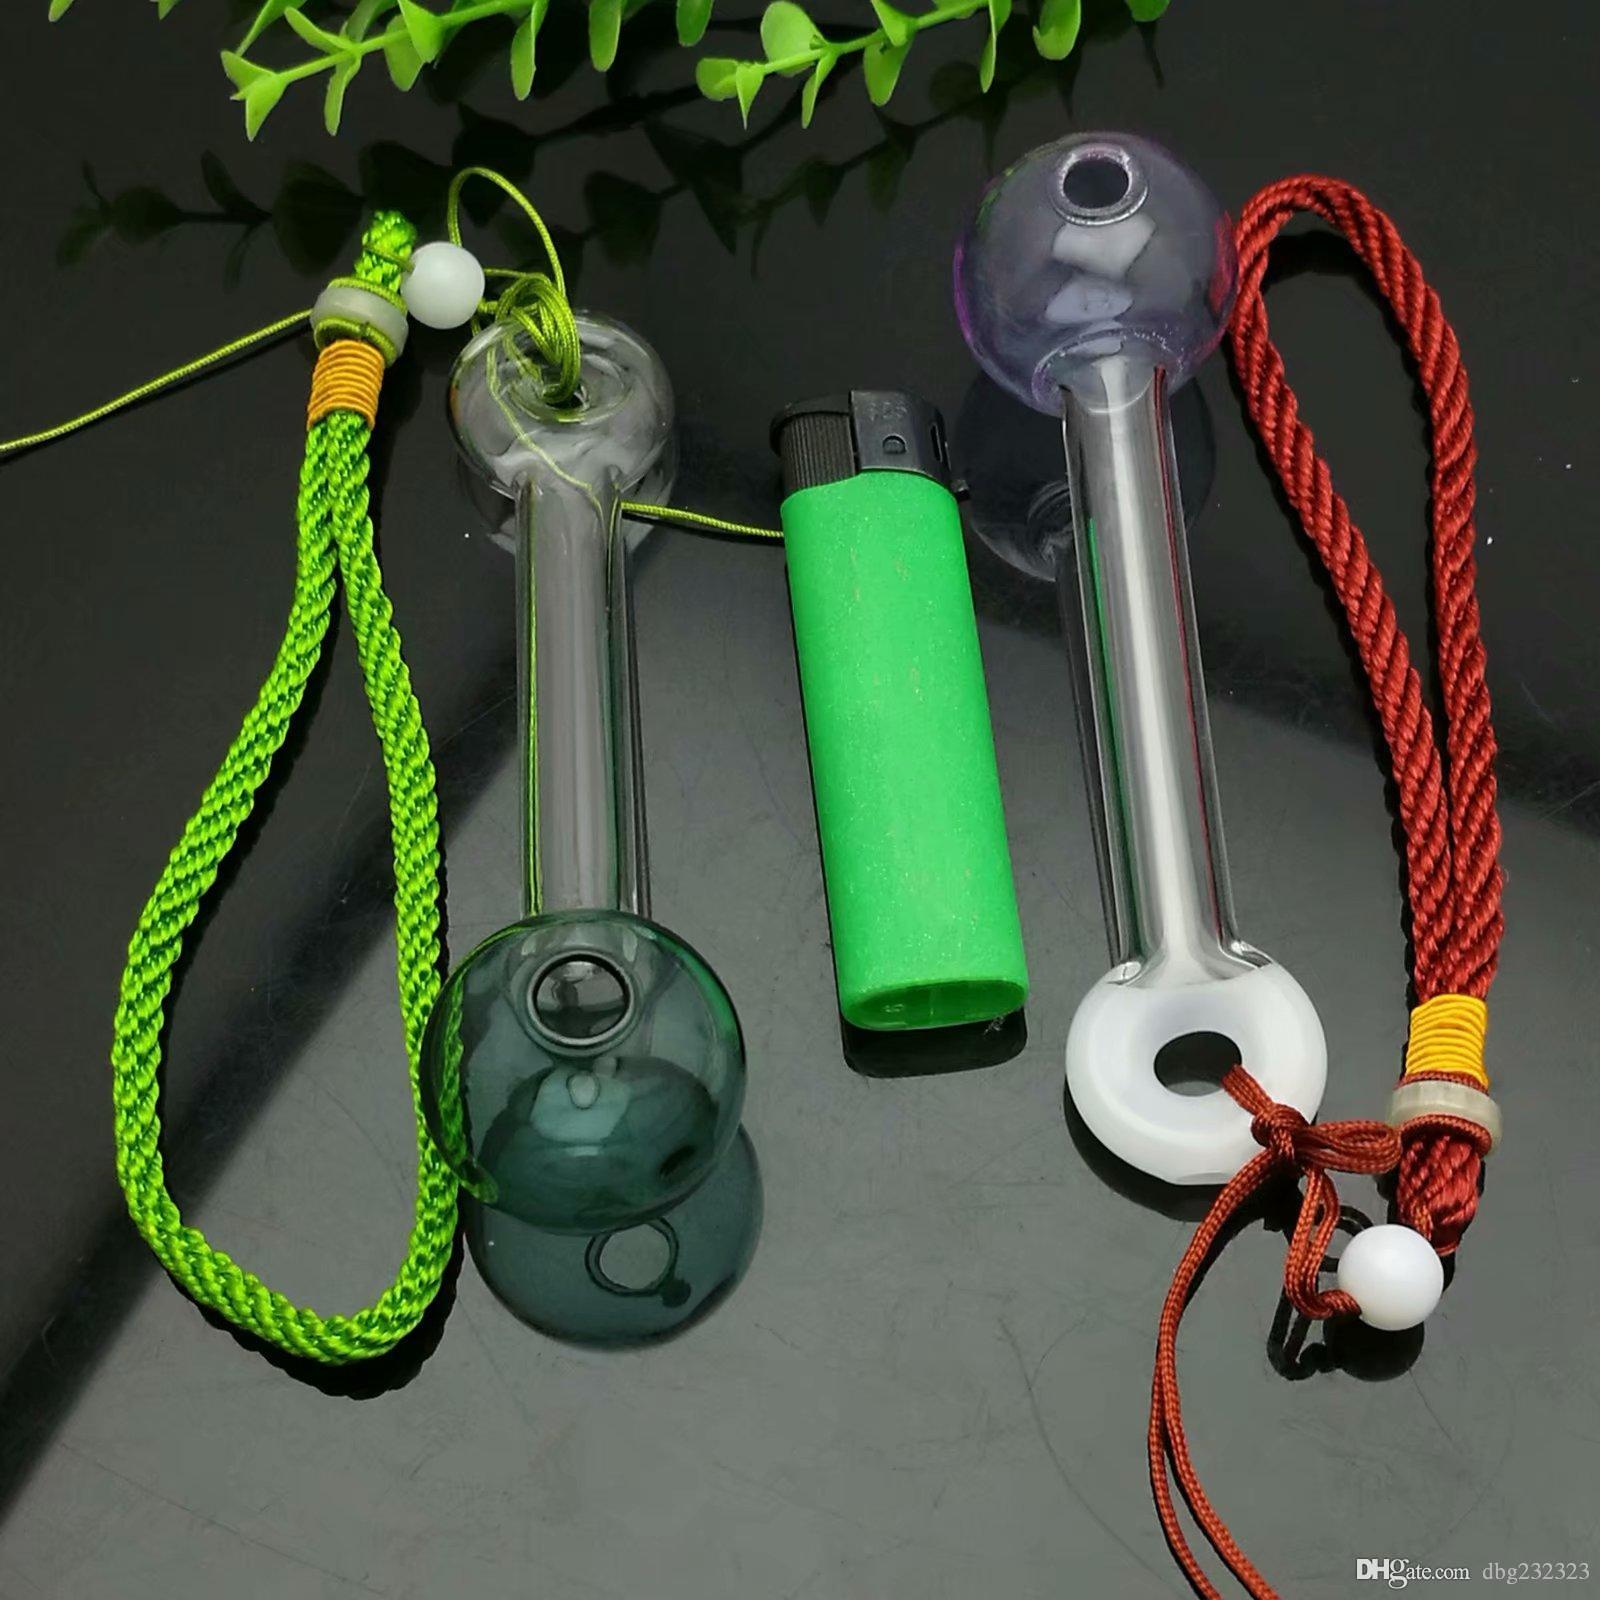 Vetro colorato corda schiuma fumatore bong di vetro Oil Burner bicchiere d'acqua tubo di olio Rigs fumatori Rigs libero